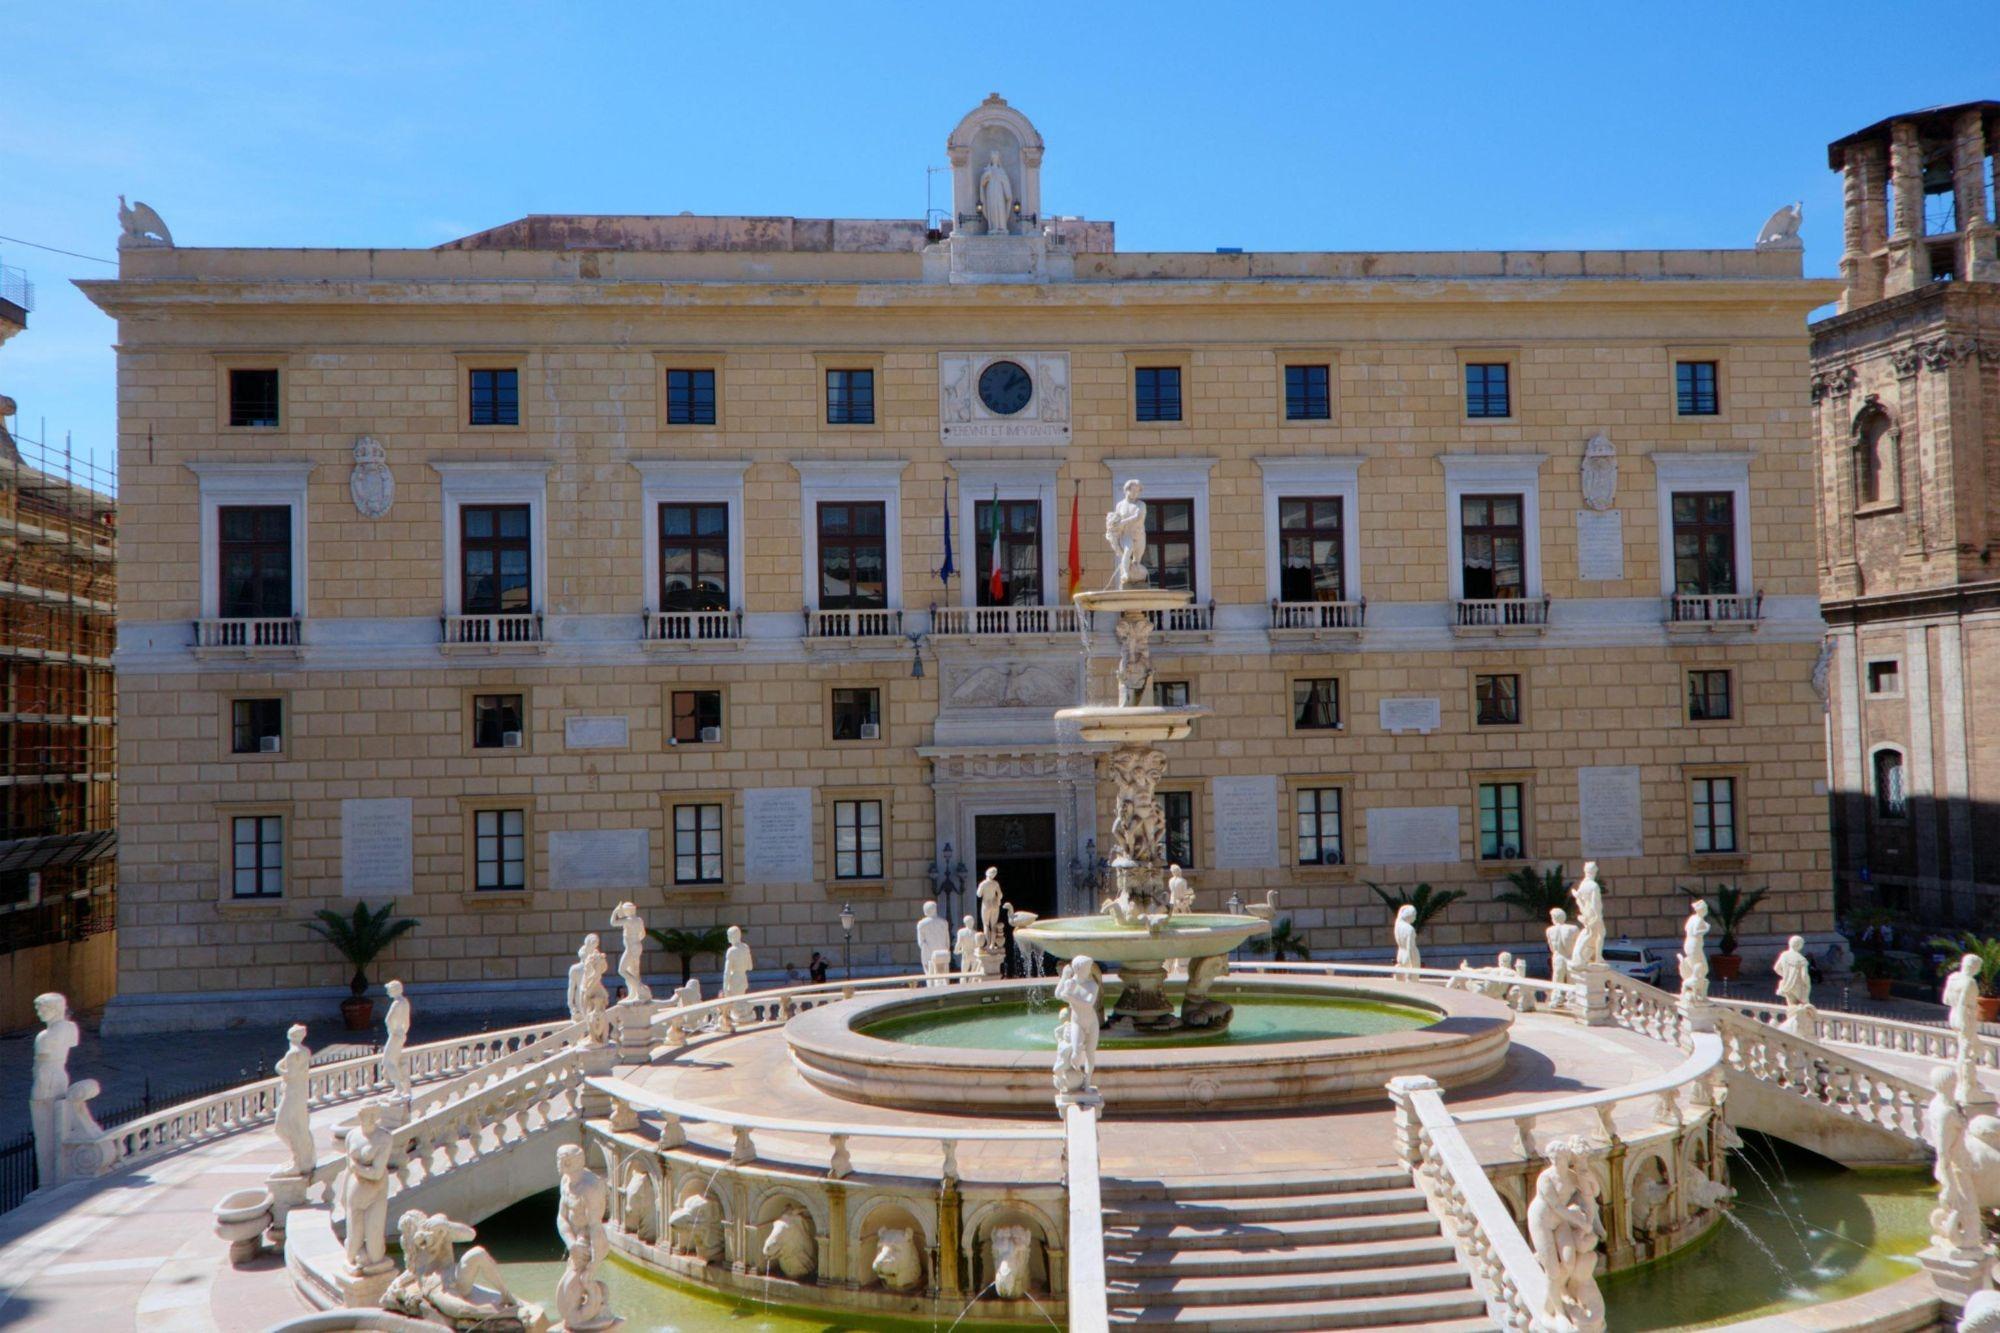 palazzo-delle-aquile-palermo-1-1608651788.jpg